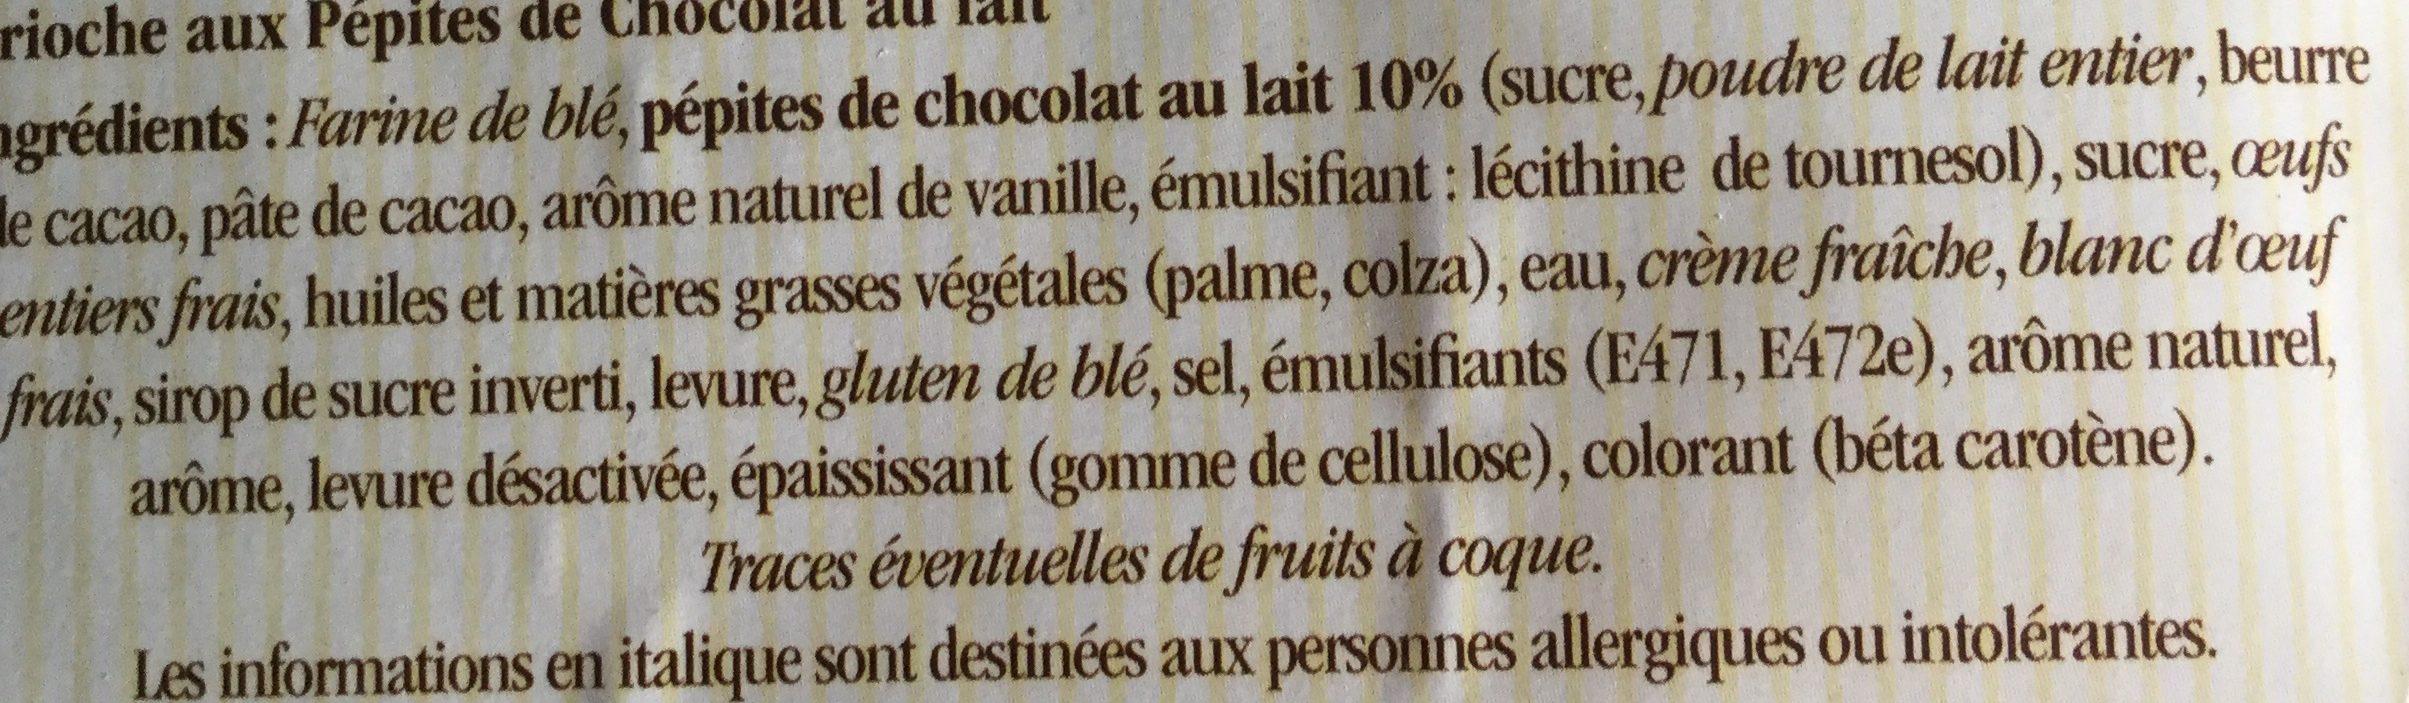 Brioche Tressée aux Pépites de Chocolat au Lait - Ingrediënten - fr